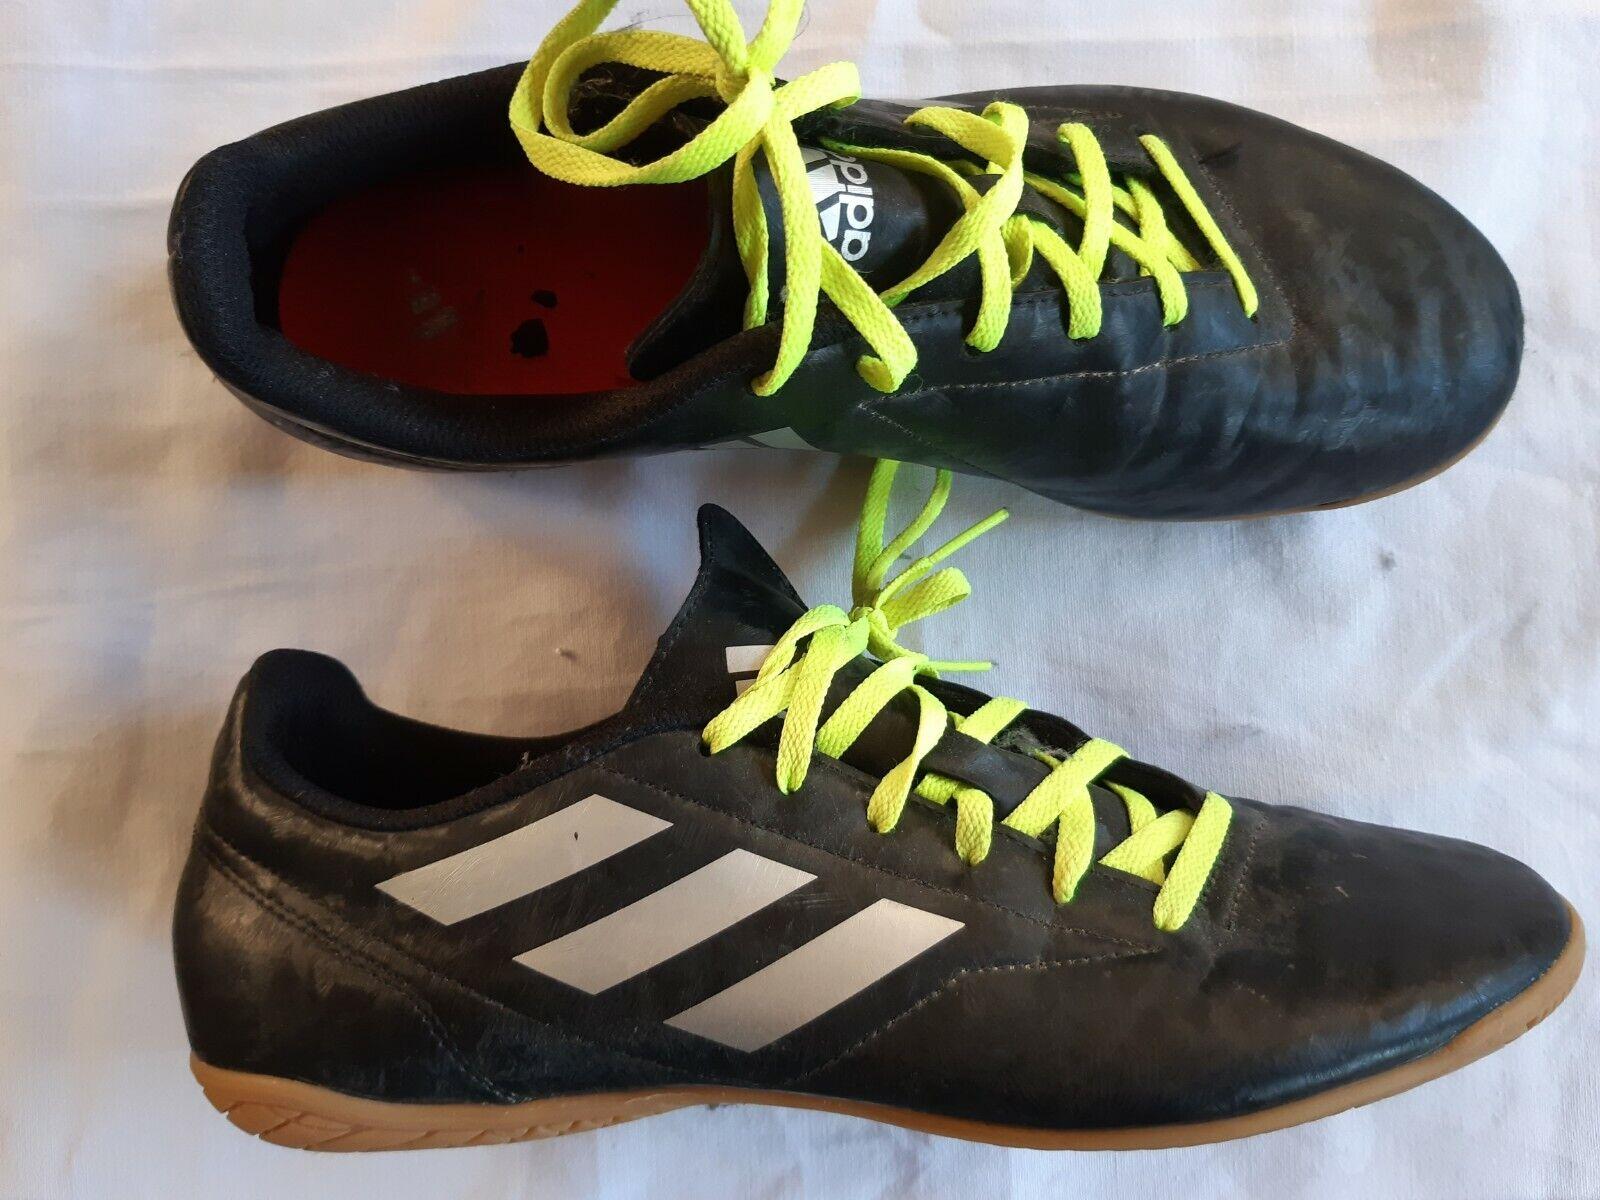 Adidas, Coole Jungenfußballschuhe, 9